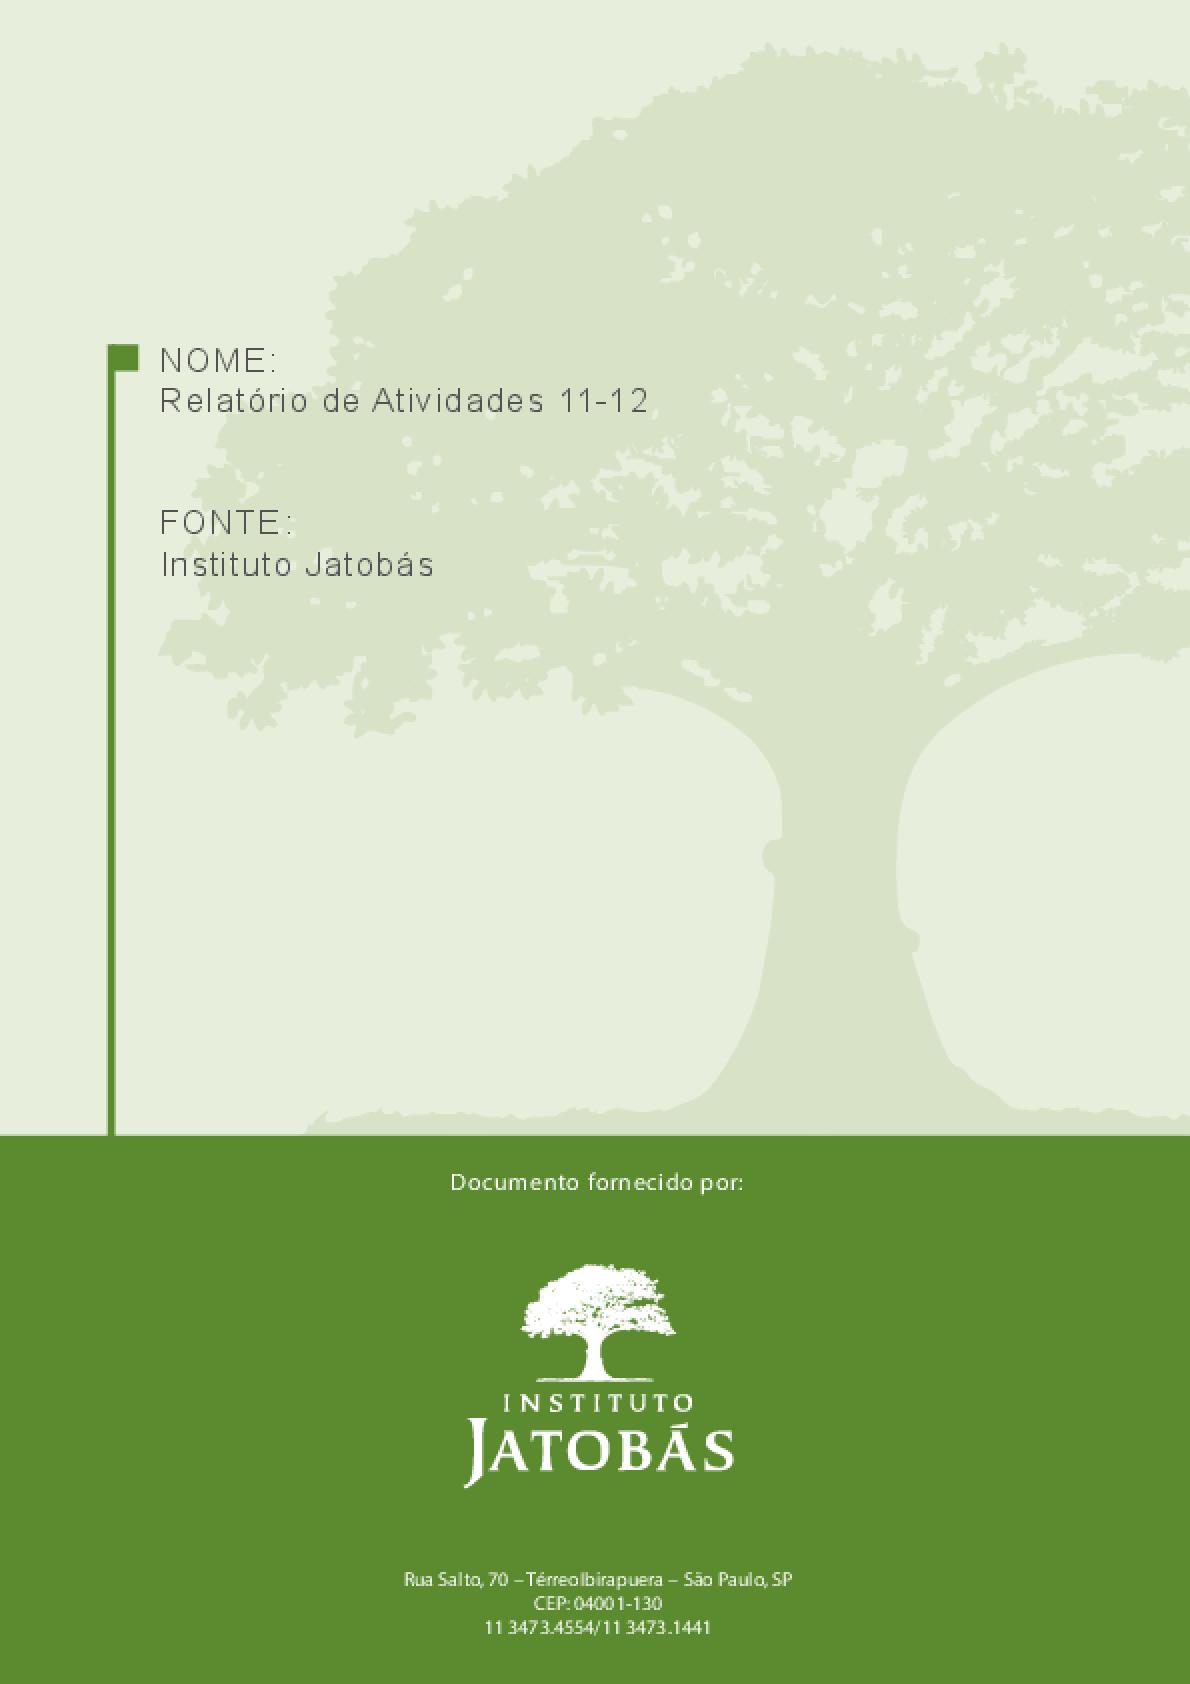 Relatório de atividades 2011/2012 - Instituto Jatobás